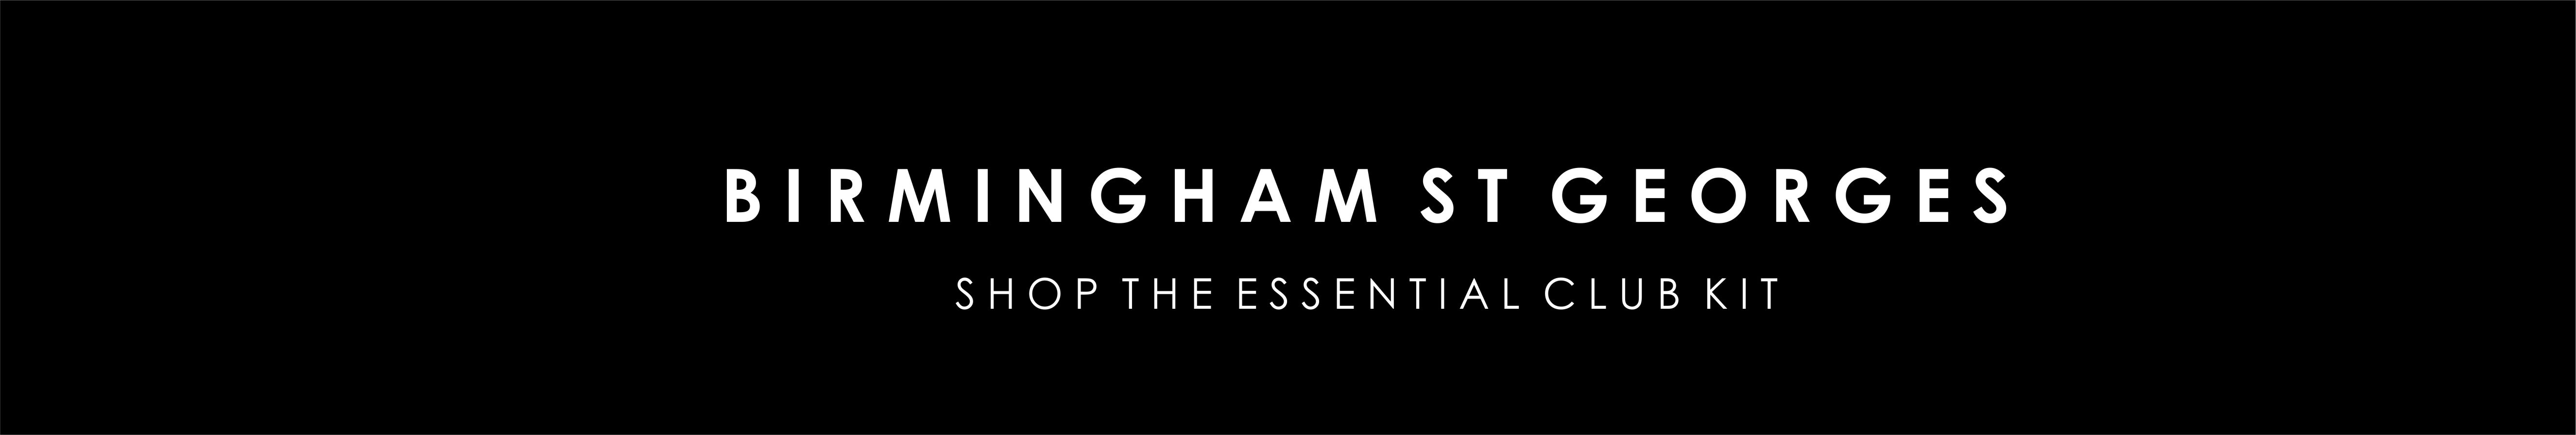 birmingham-st-georges-front-banner.jpg